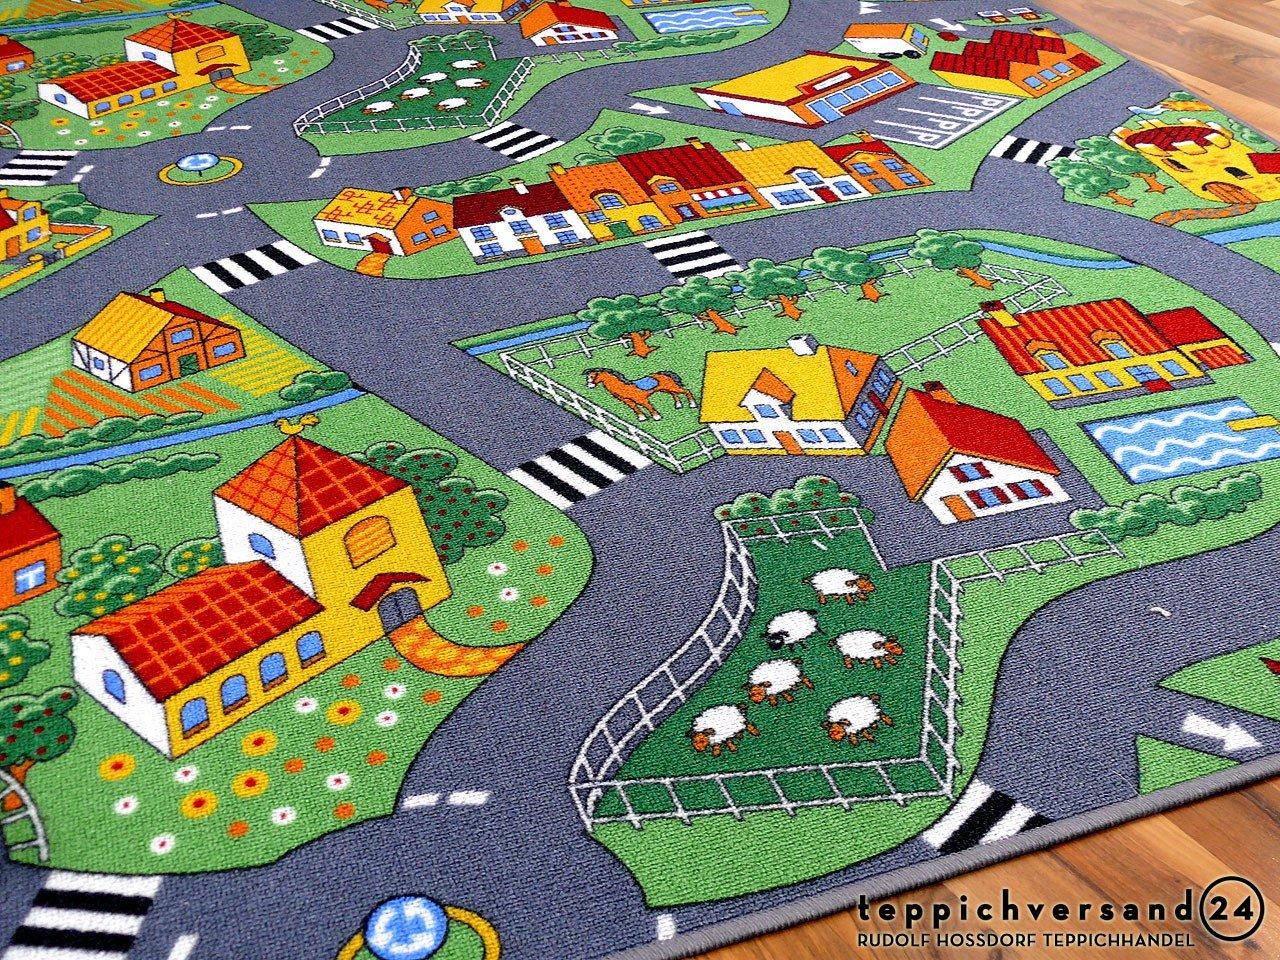 80x240 cm Tapis de jeu pour enfant Little village motifs village - 17 tailles disponibles, Taille:03